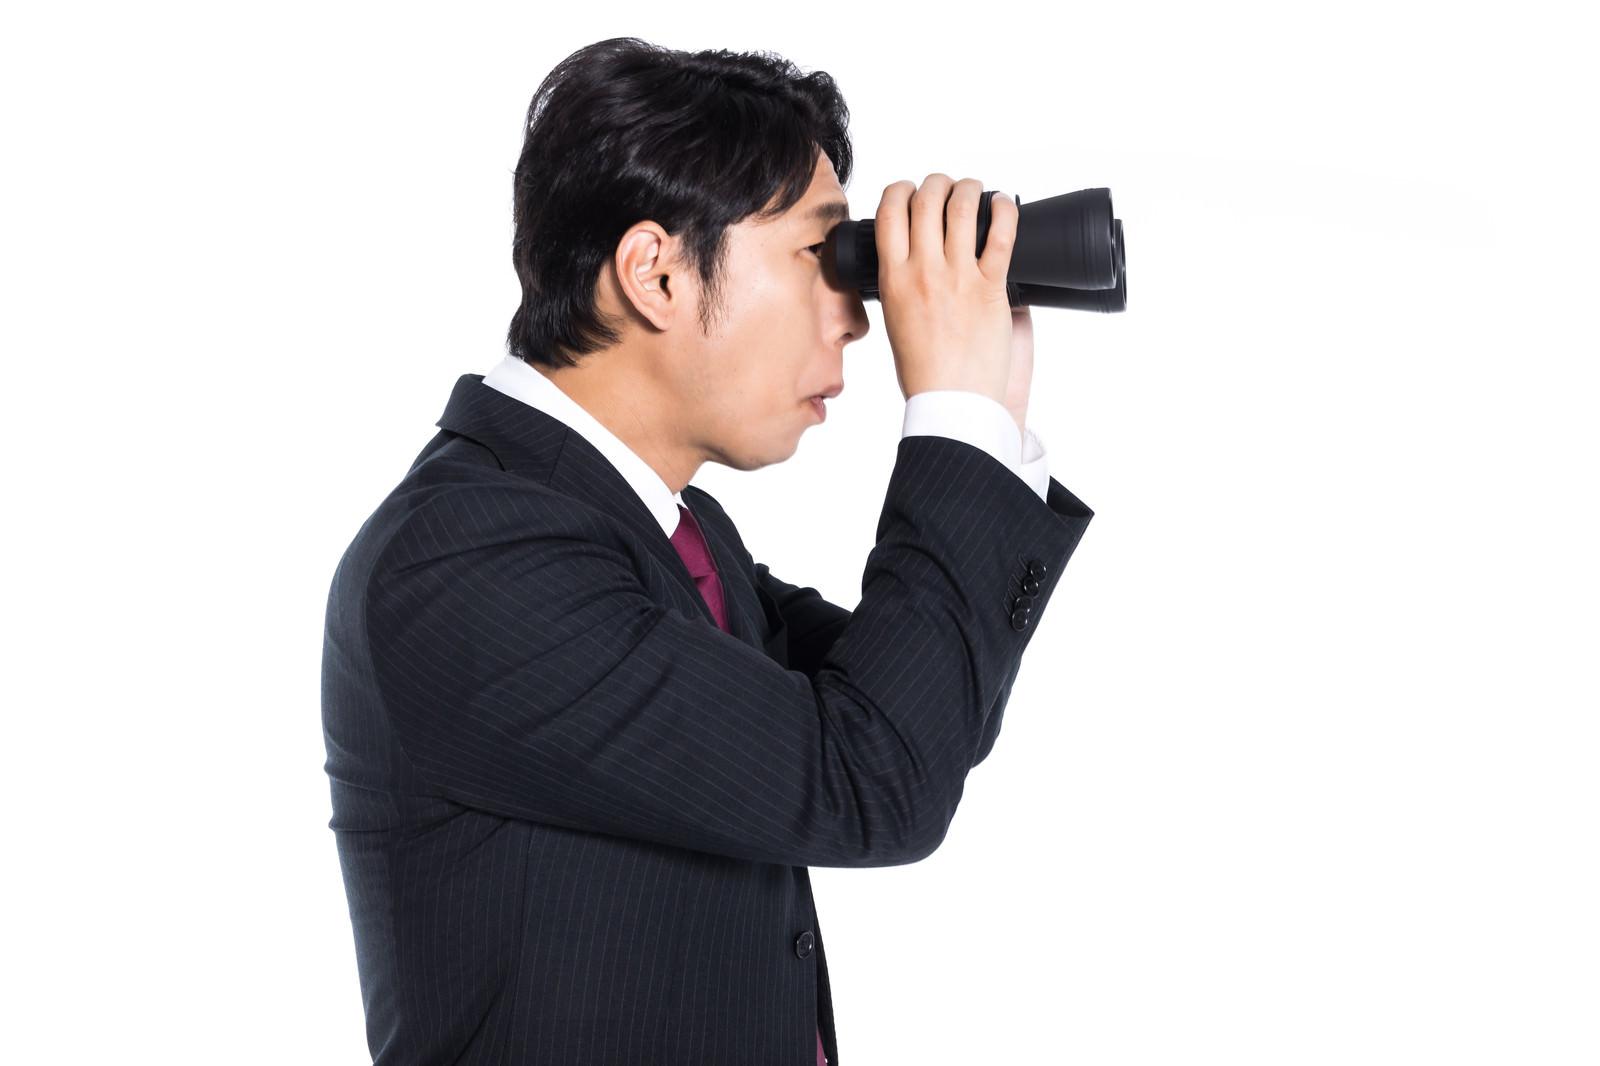 「双眼鏡で競合他社をリサーチするエージェント」の写真[モデル:大川竜弥]